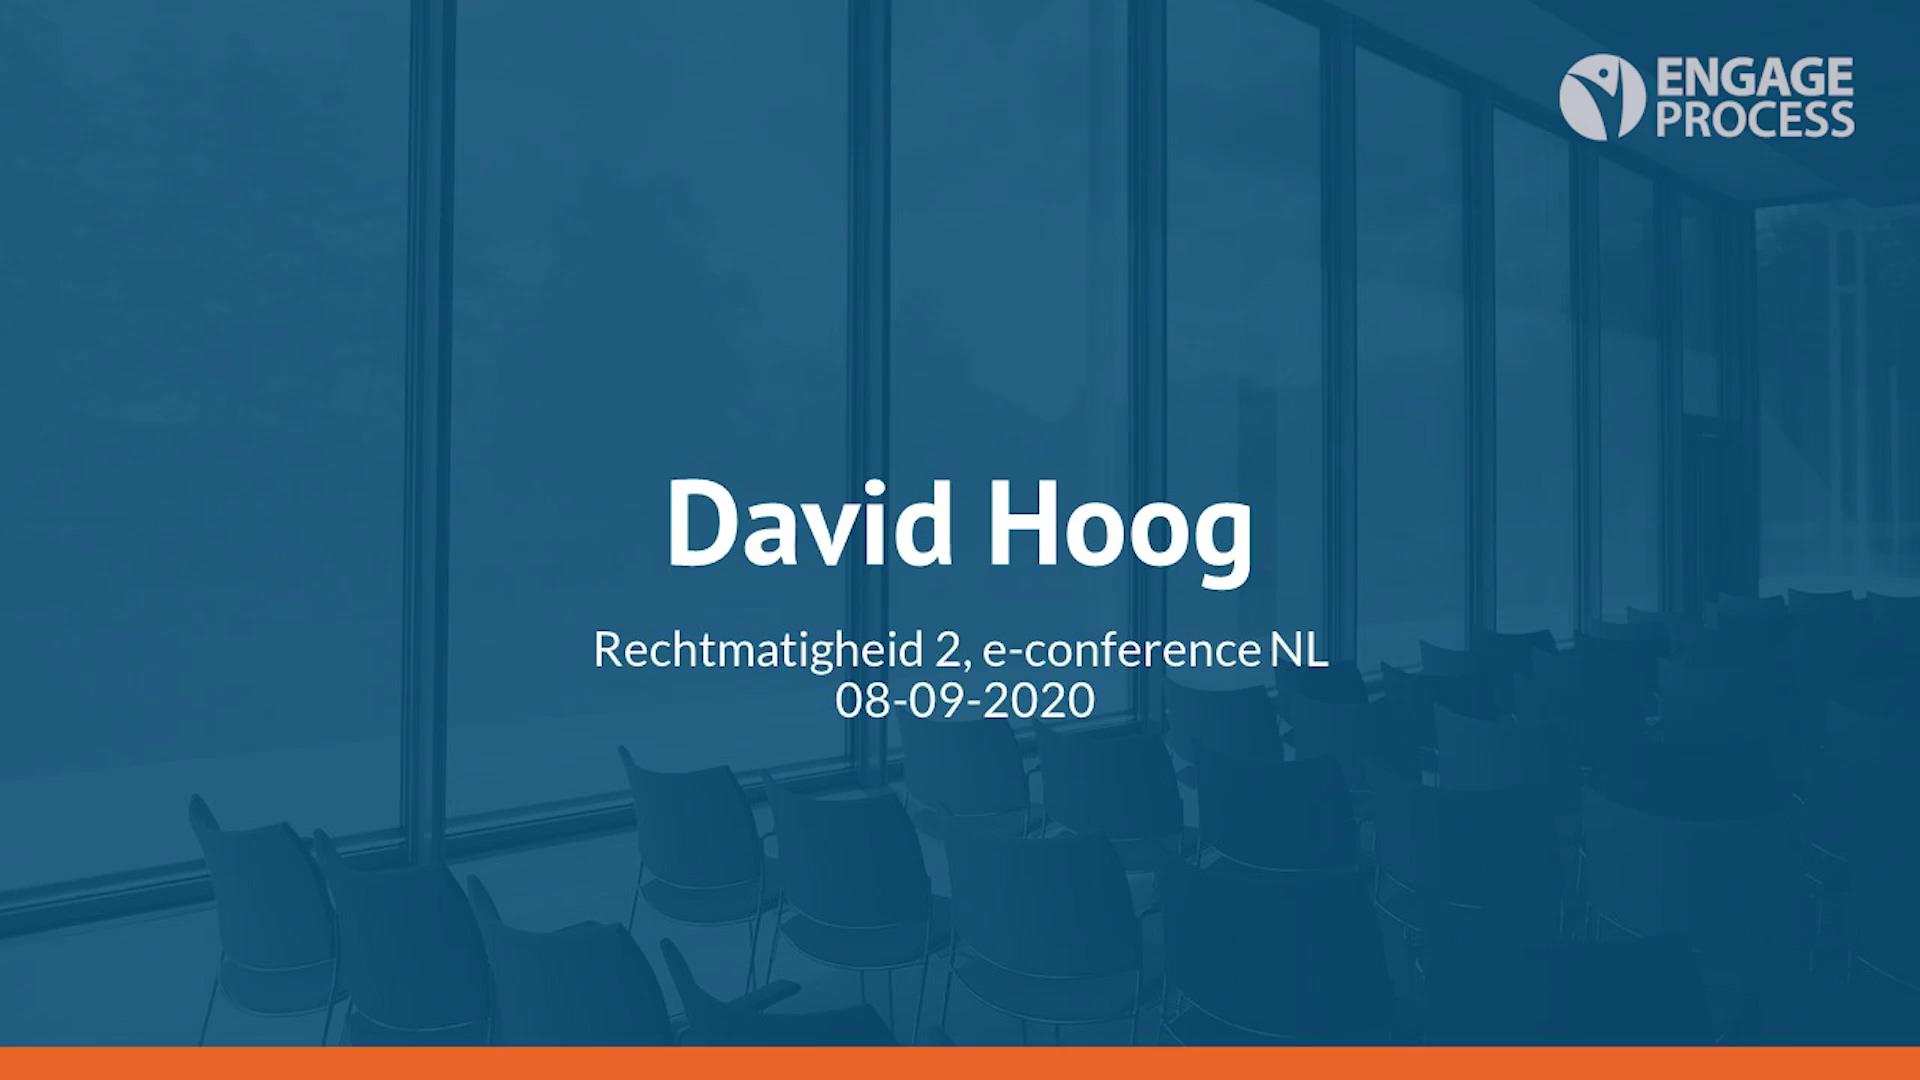 Rechtmatigheid 2 David Hoog-V2